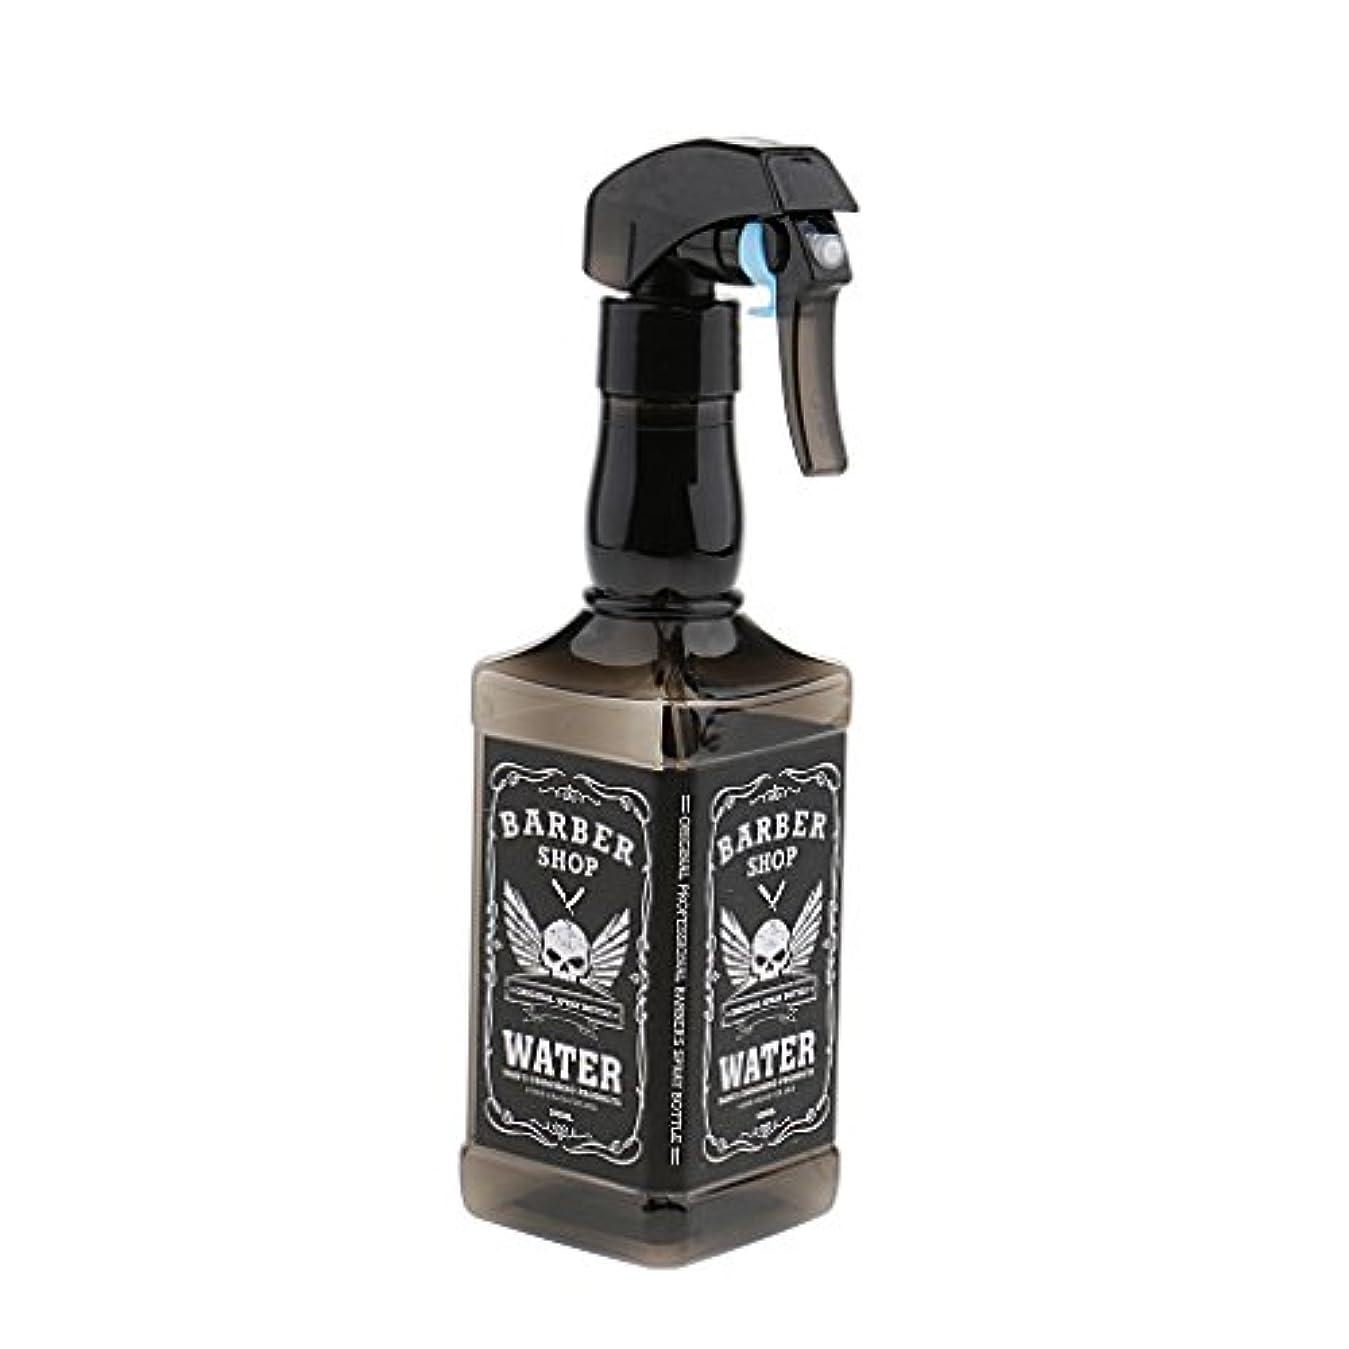 鰐選択する基本的なスプレーボトル プラスチック製 ヘアスプレー ボトル サロン 美容院 水スプレー 500ml 3色選べ - ブラック